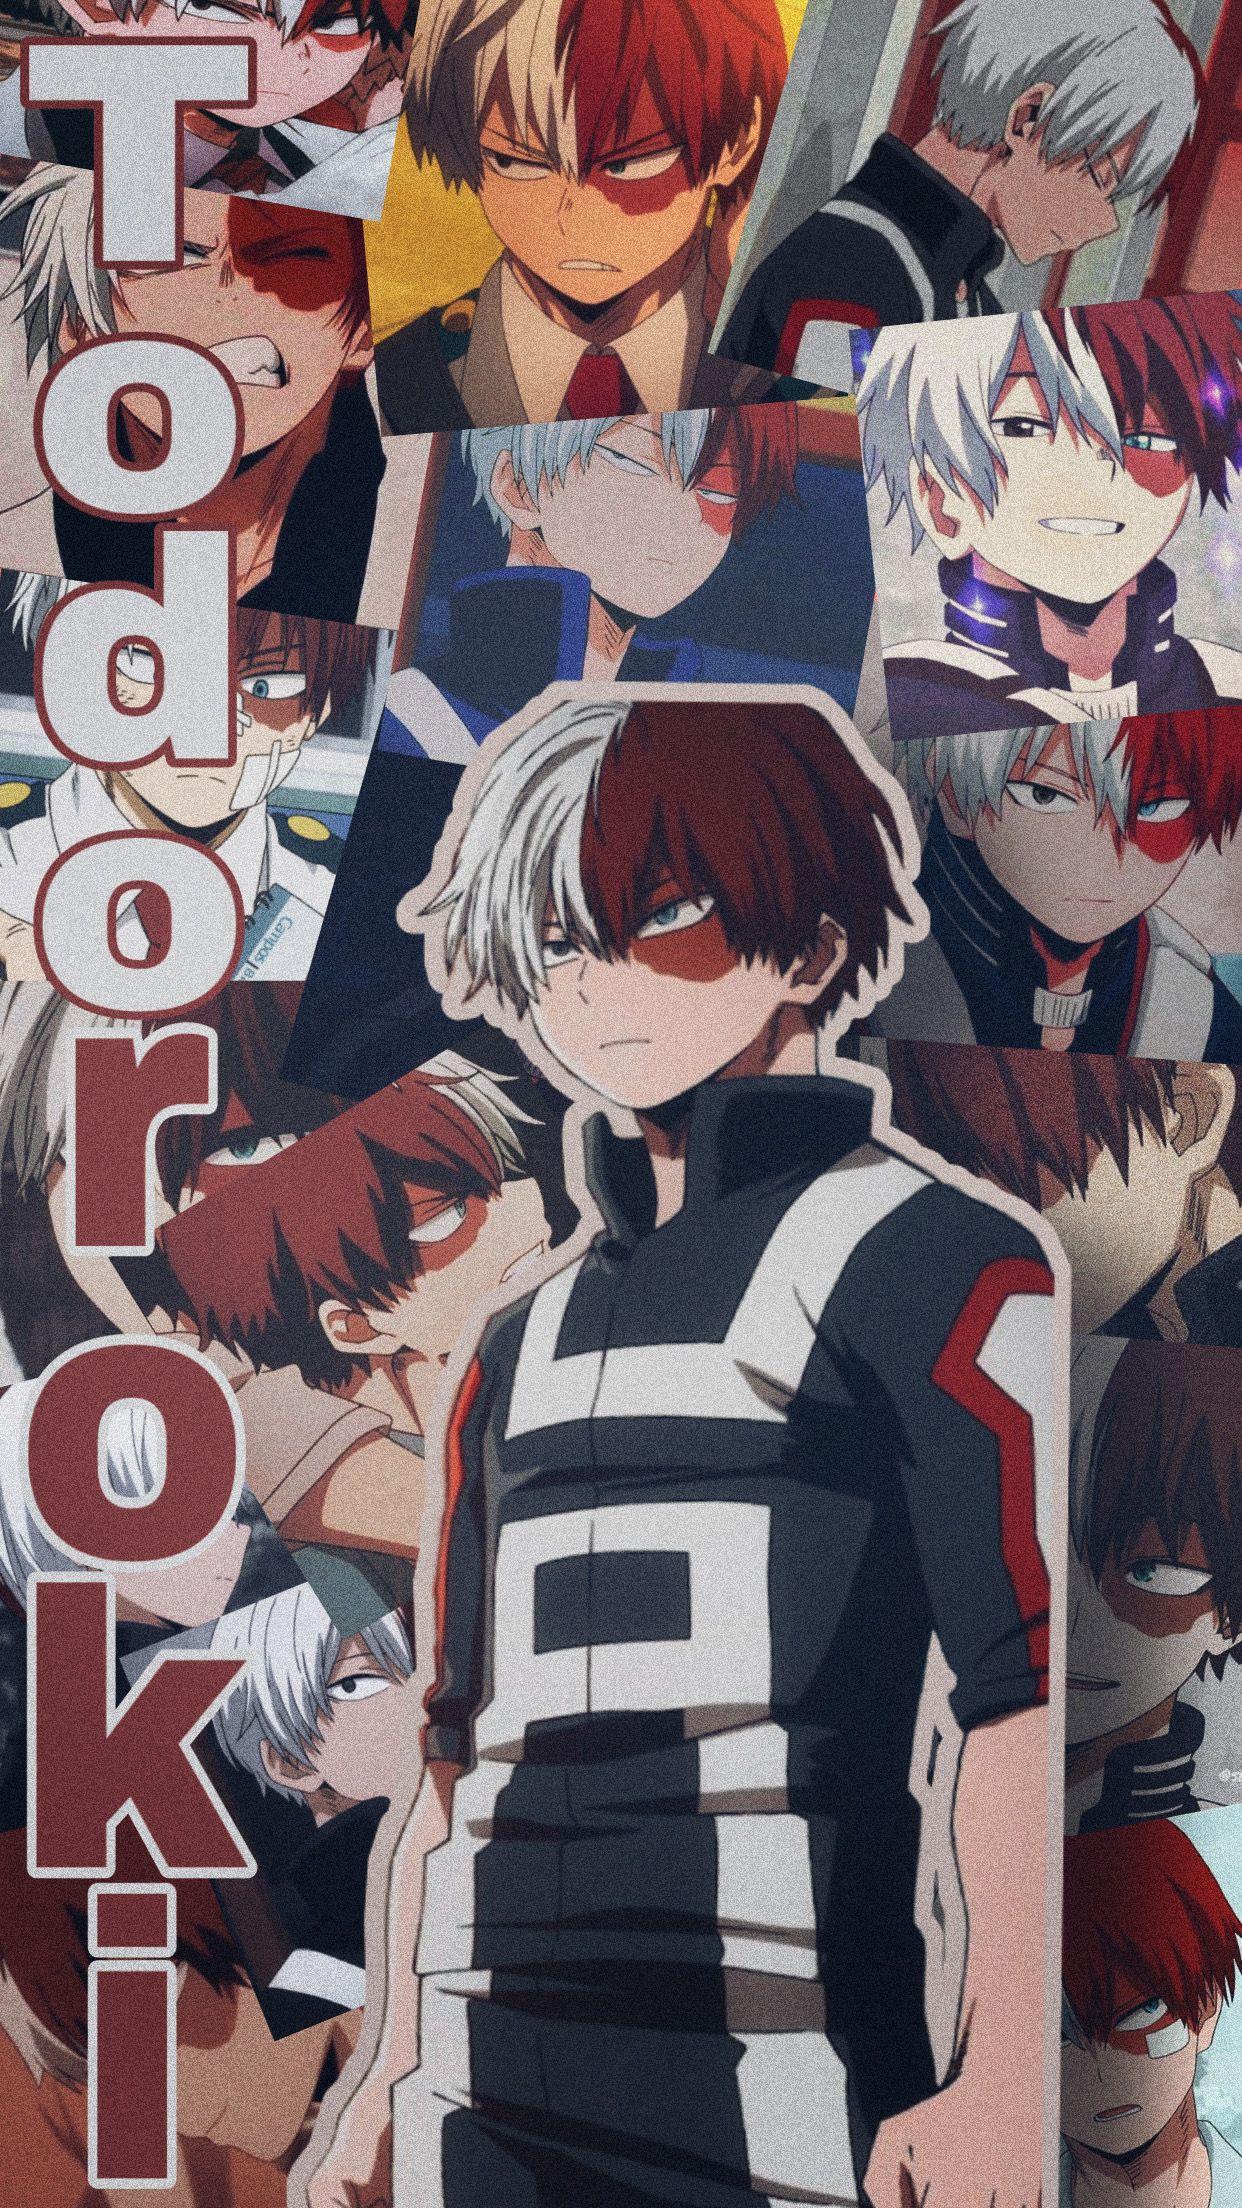 Todoroki wallpaper #freetoedit #todoroki #mha #animewallpaper